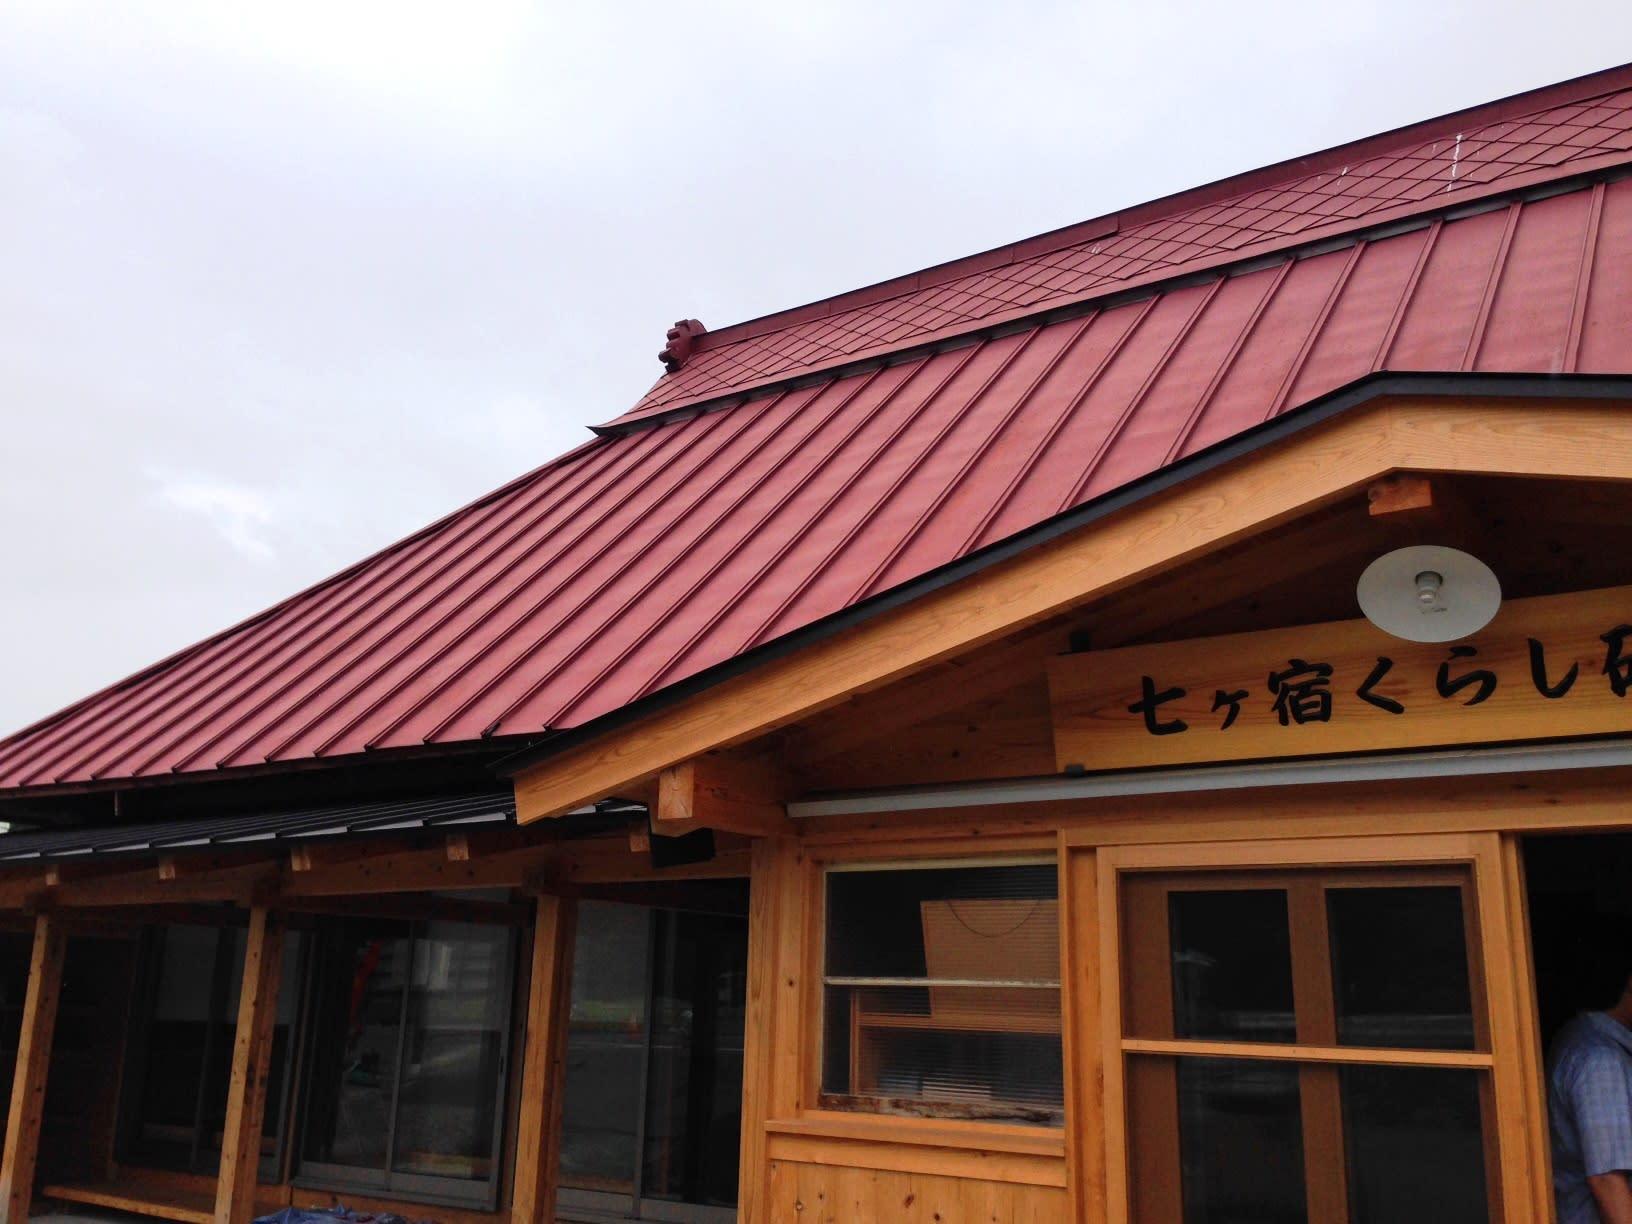 七ヶ宿町「くらし研究所」に行ってきました - 仙南地域情報 ...